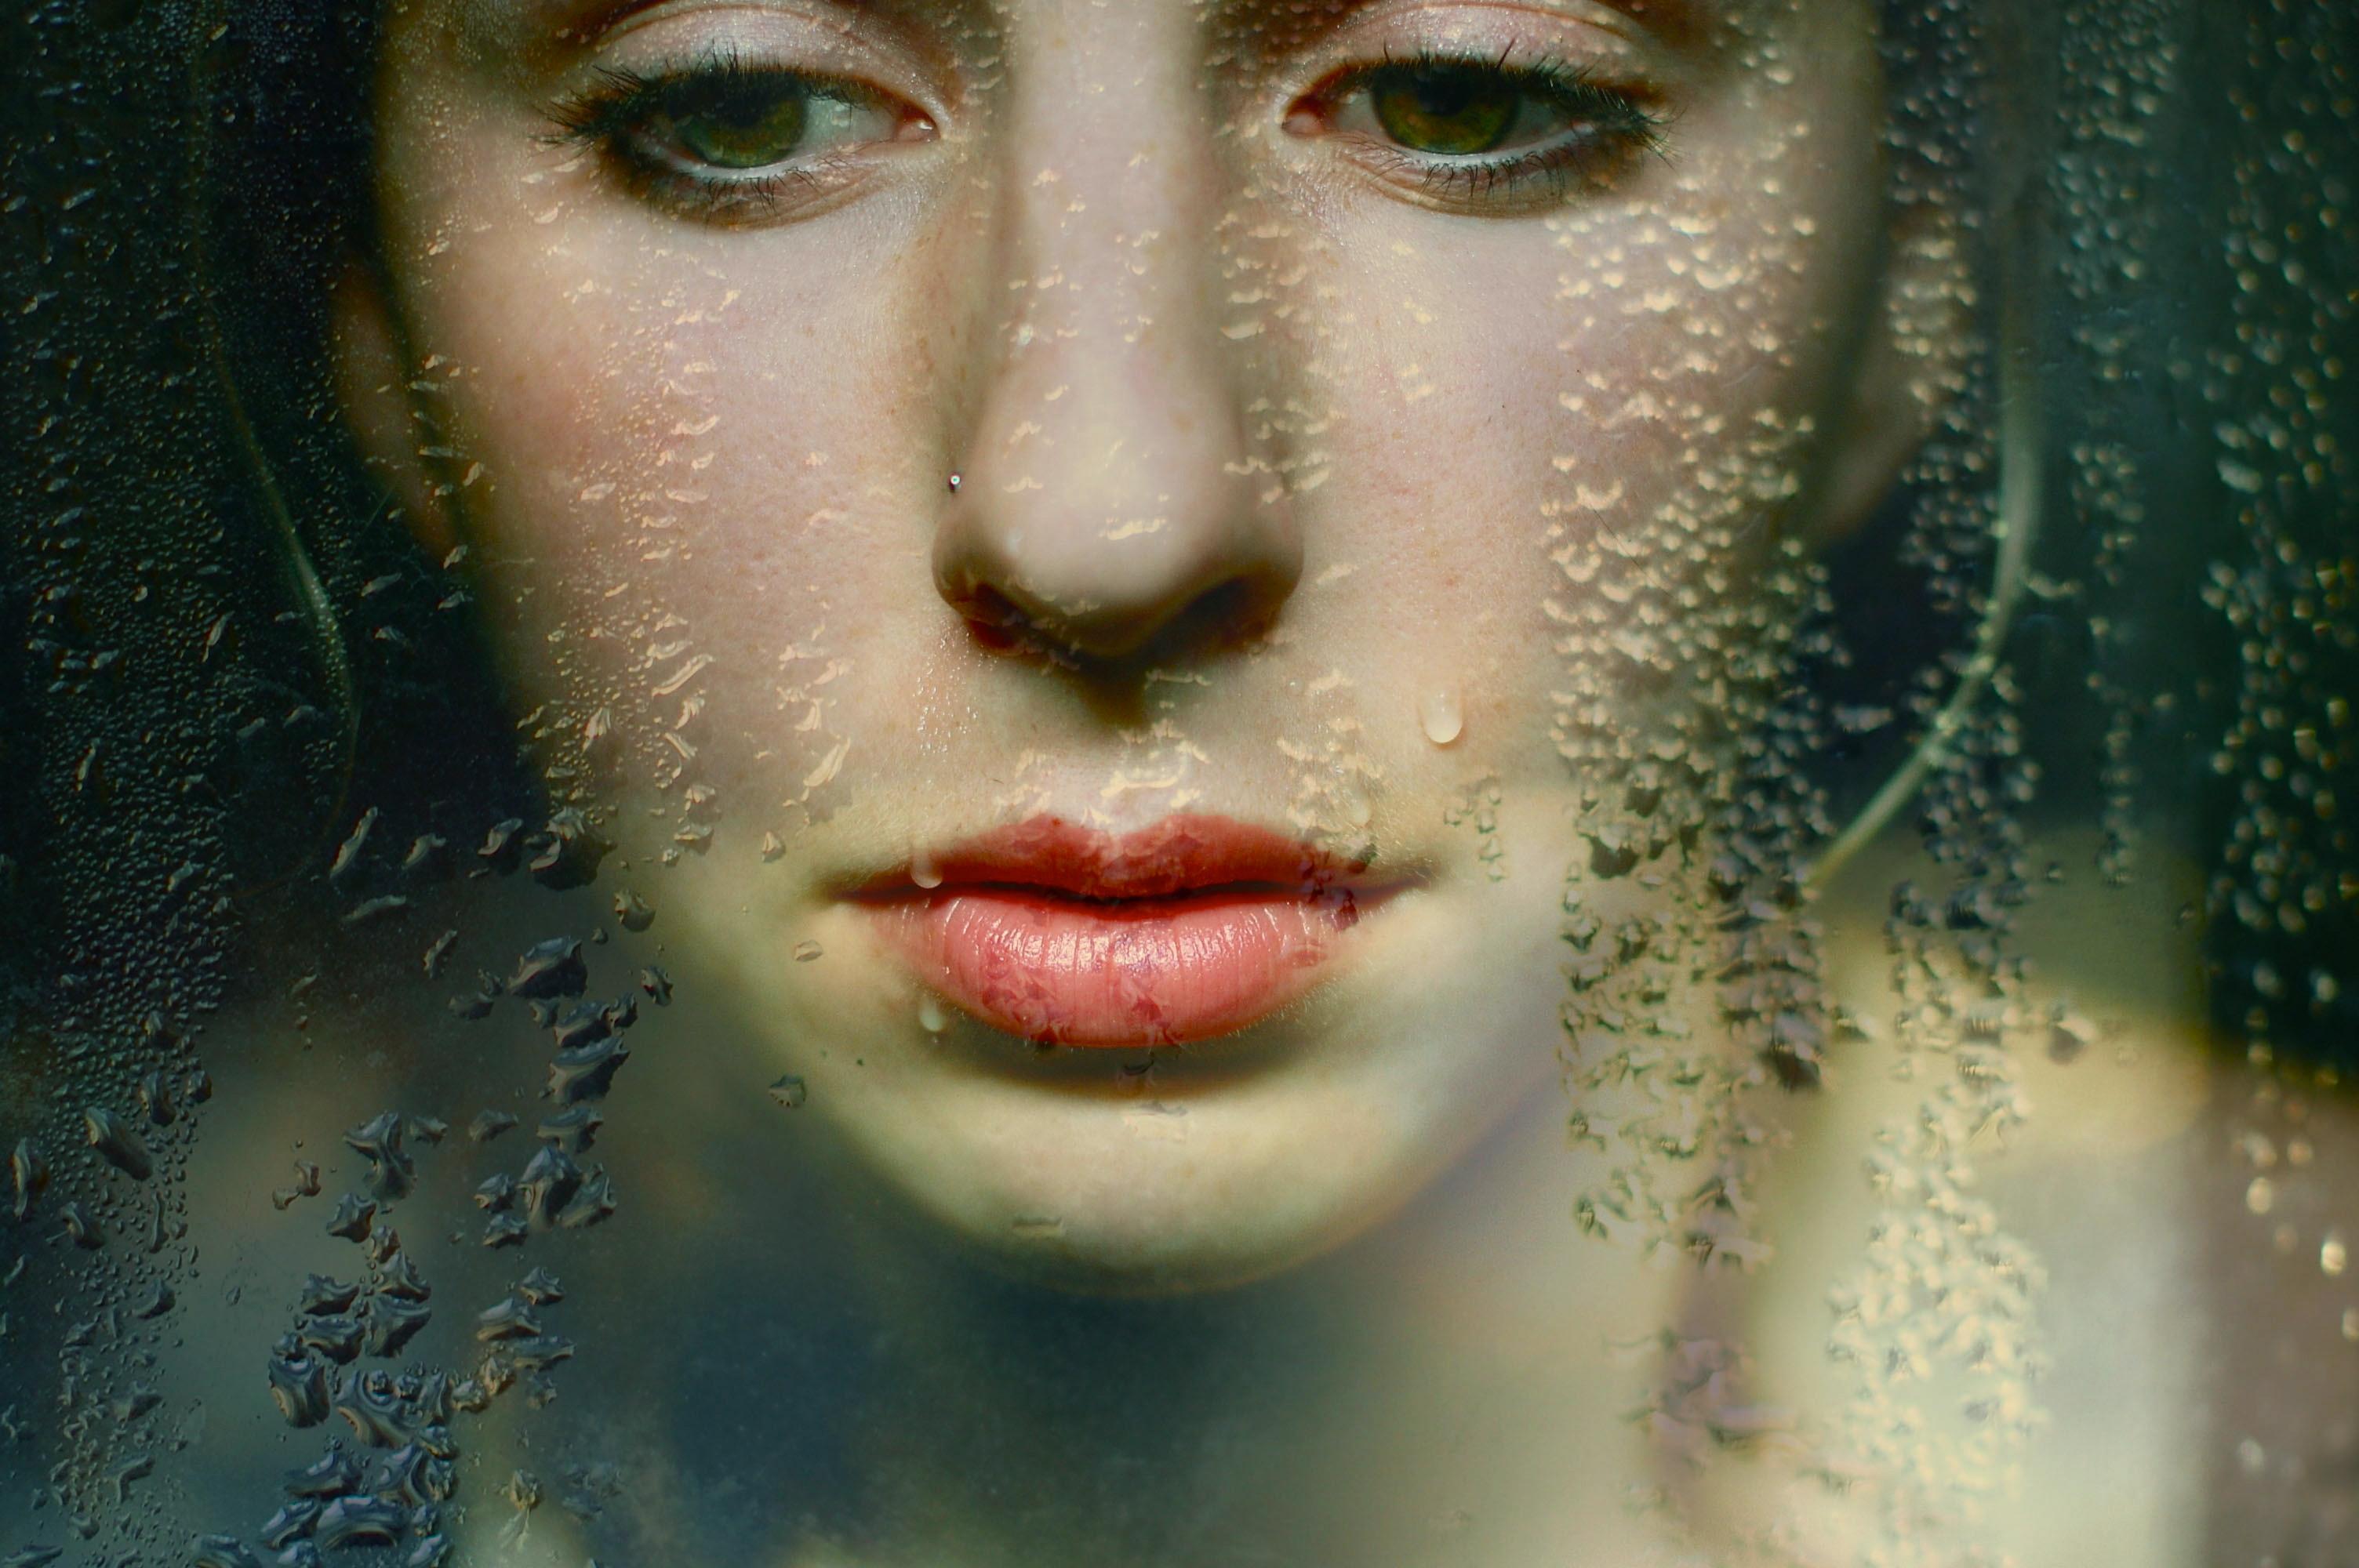 завершение слезы на лице фото рисунки сегодня рассмотрели преимущества